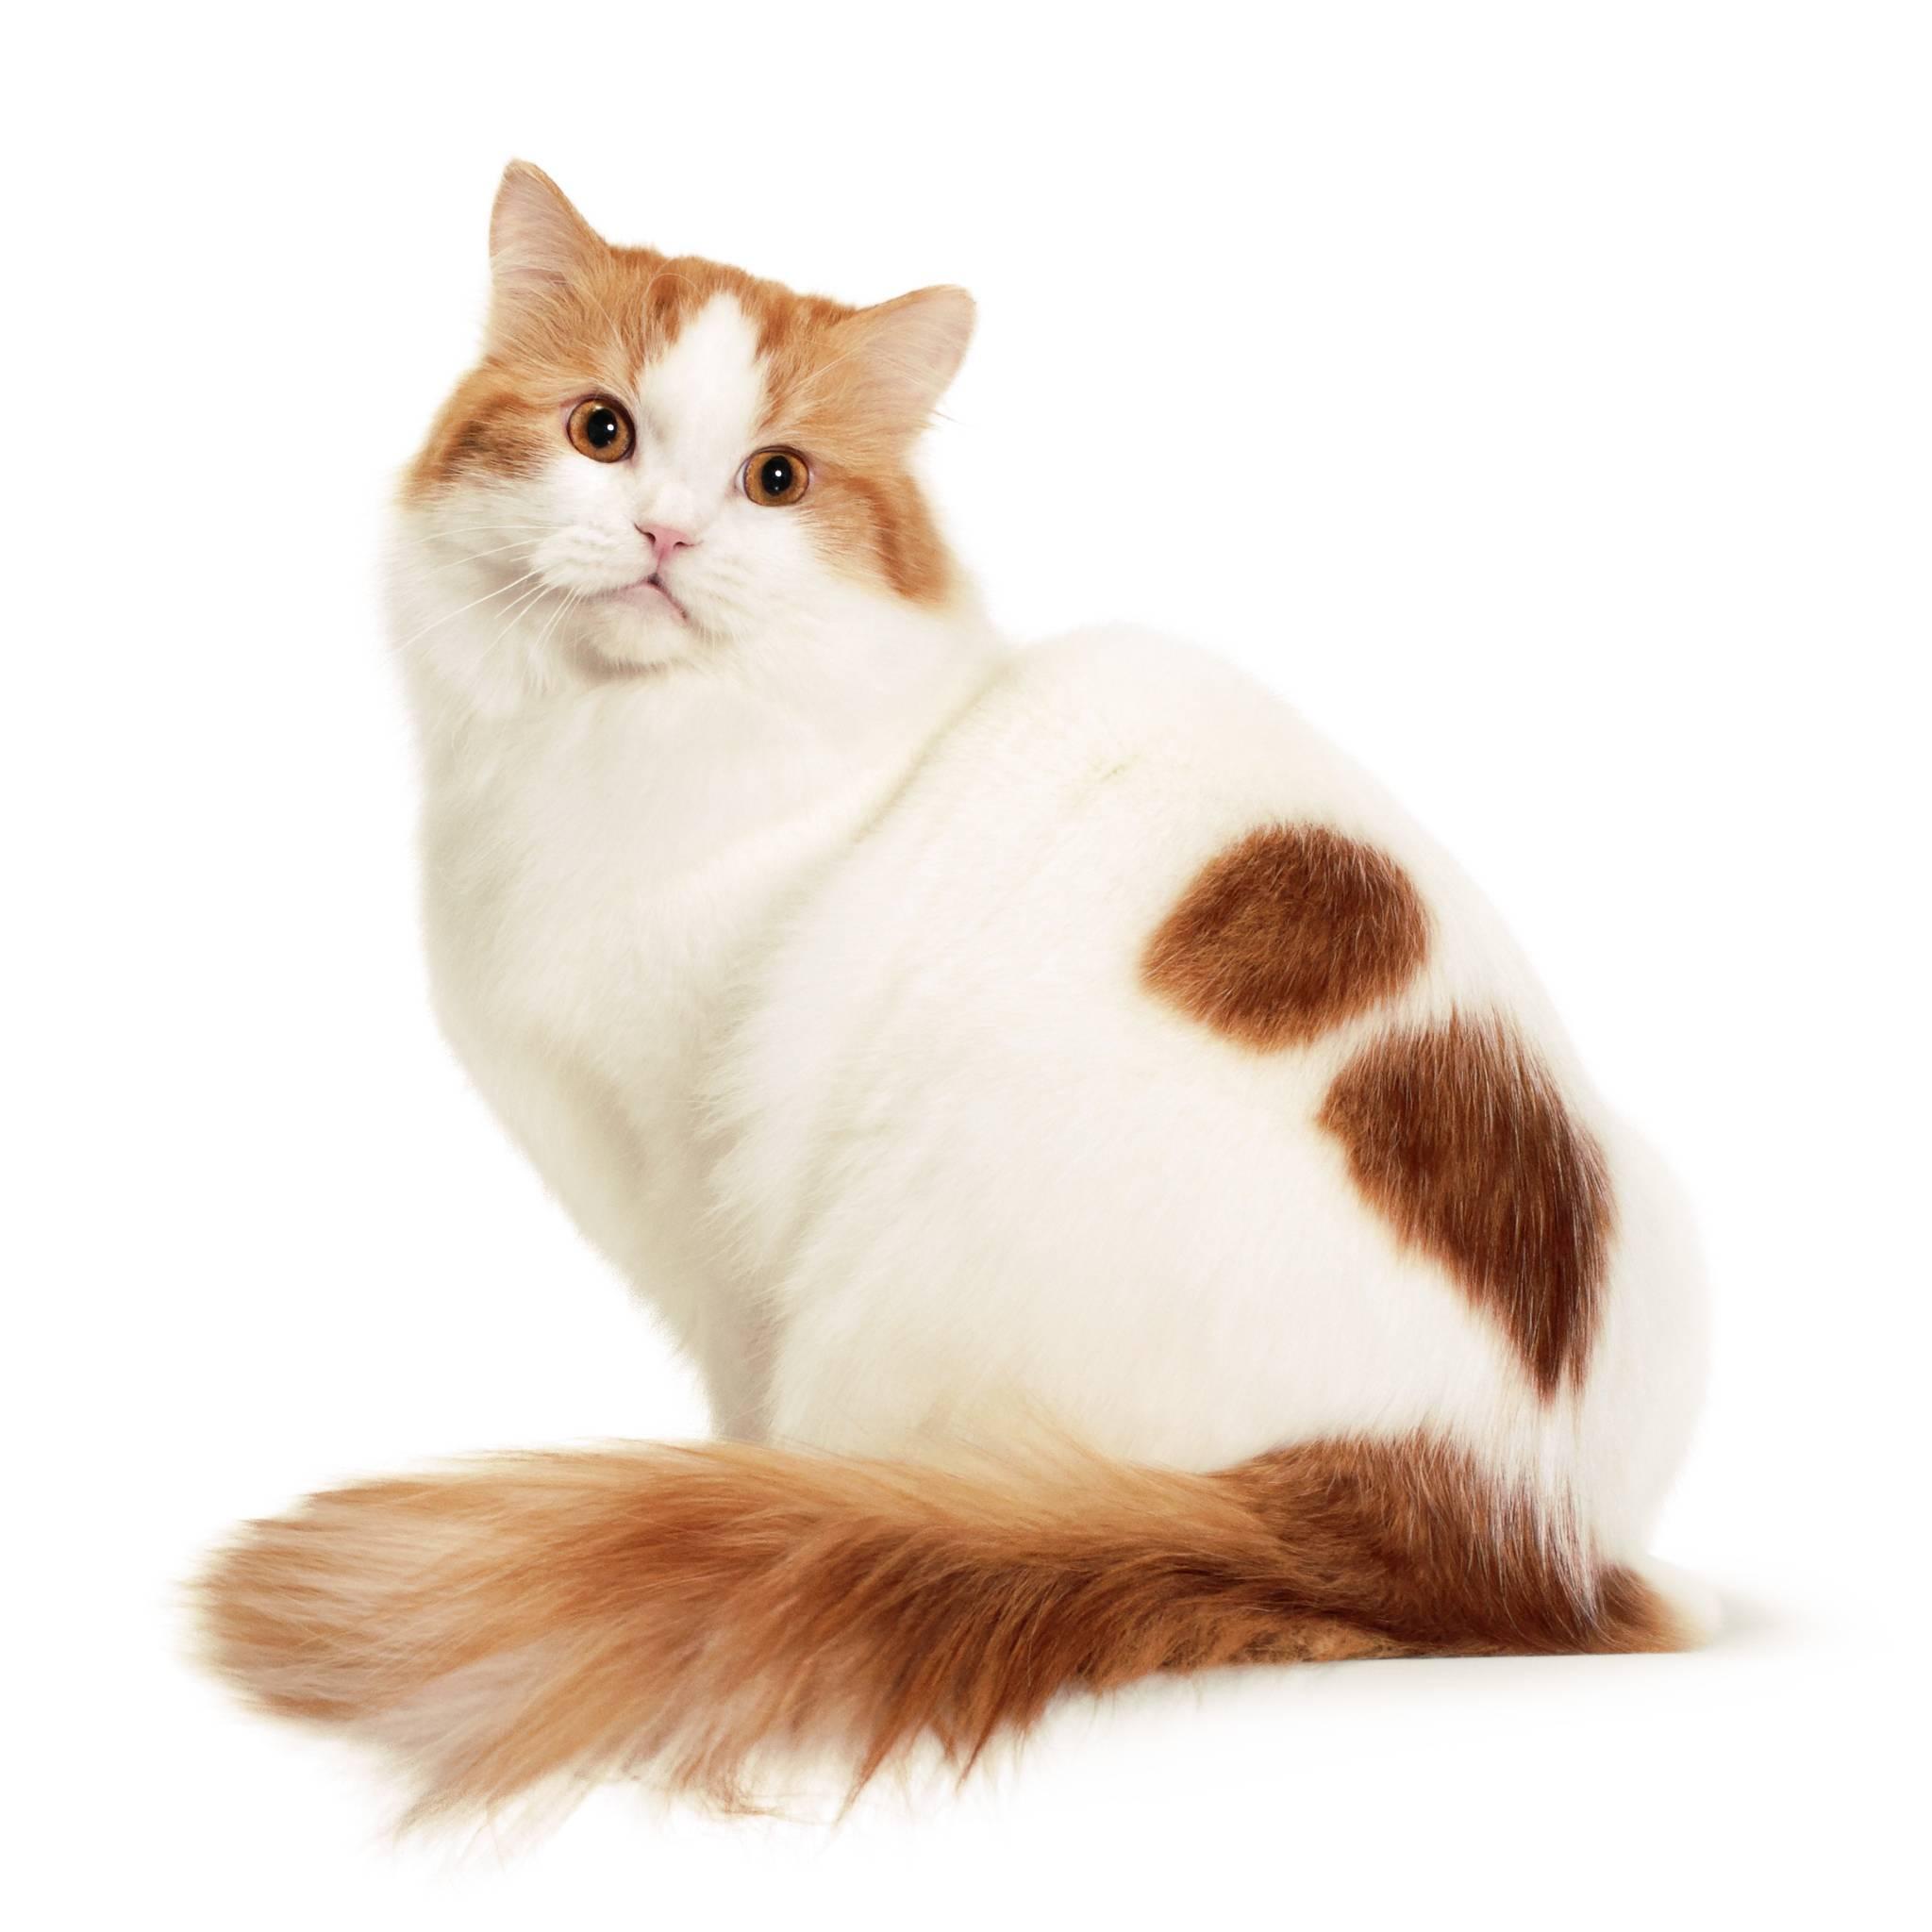 Рагамаффин кошка. описание, особенности, уход и цена породы рагамаффин | животный мир